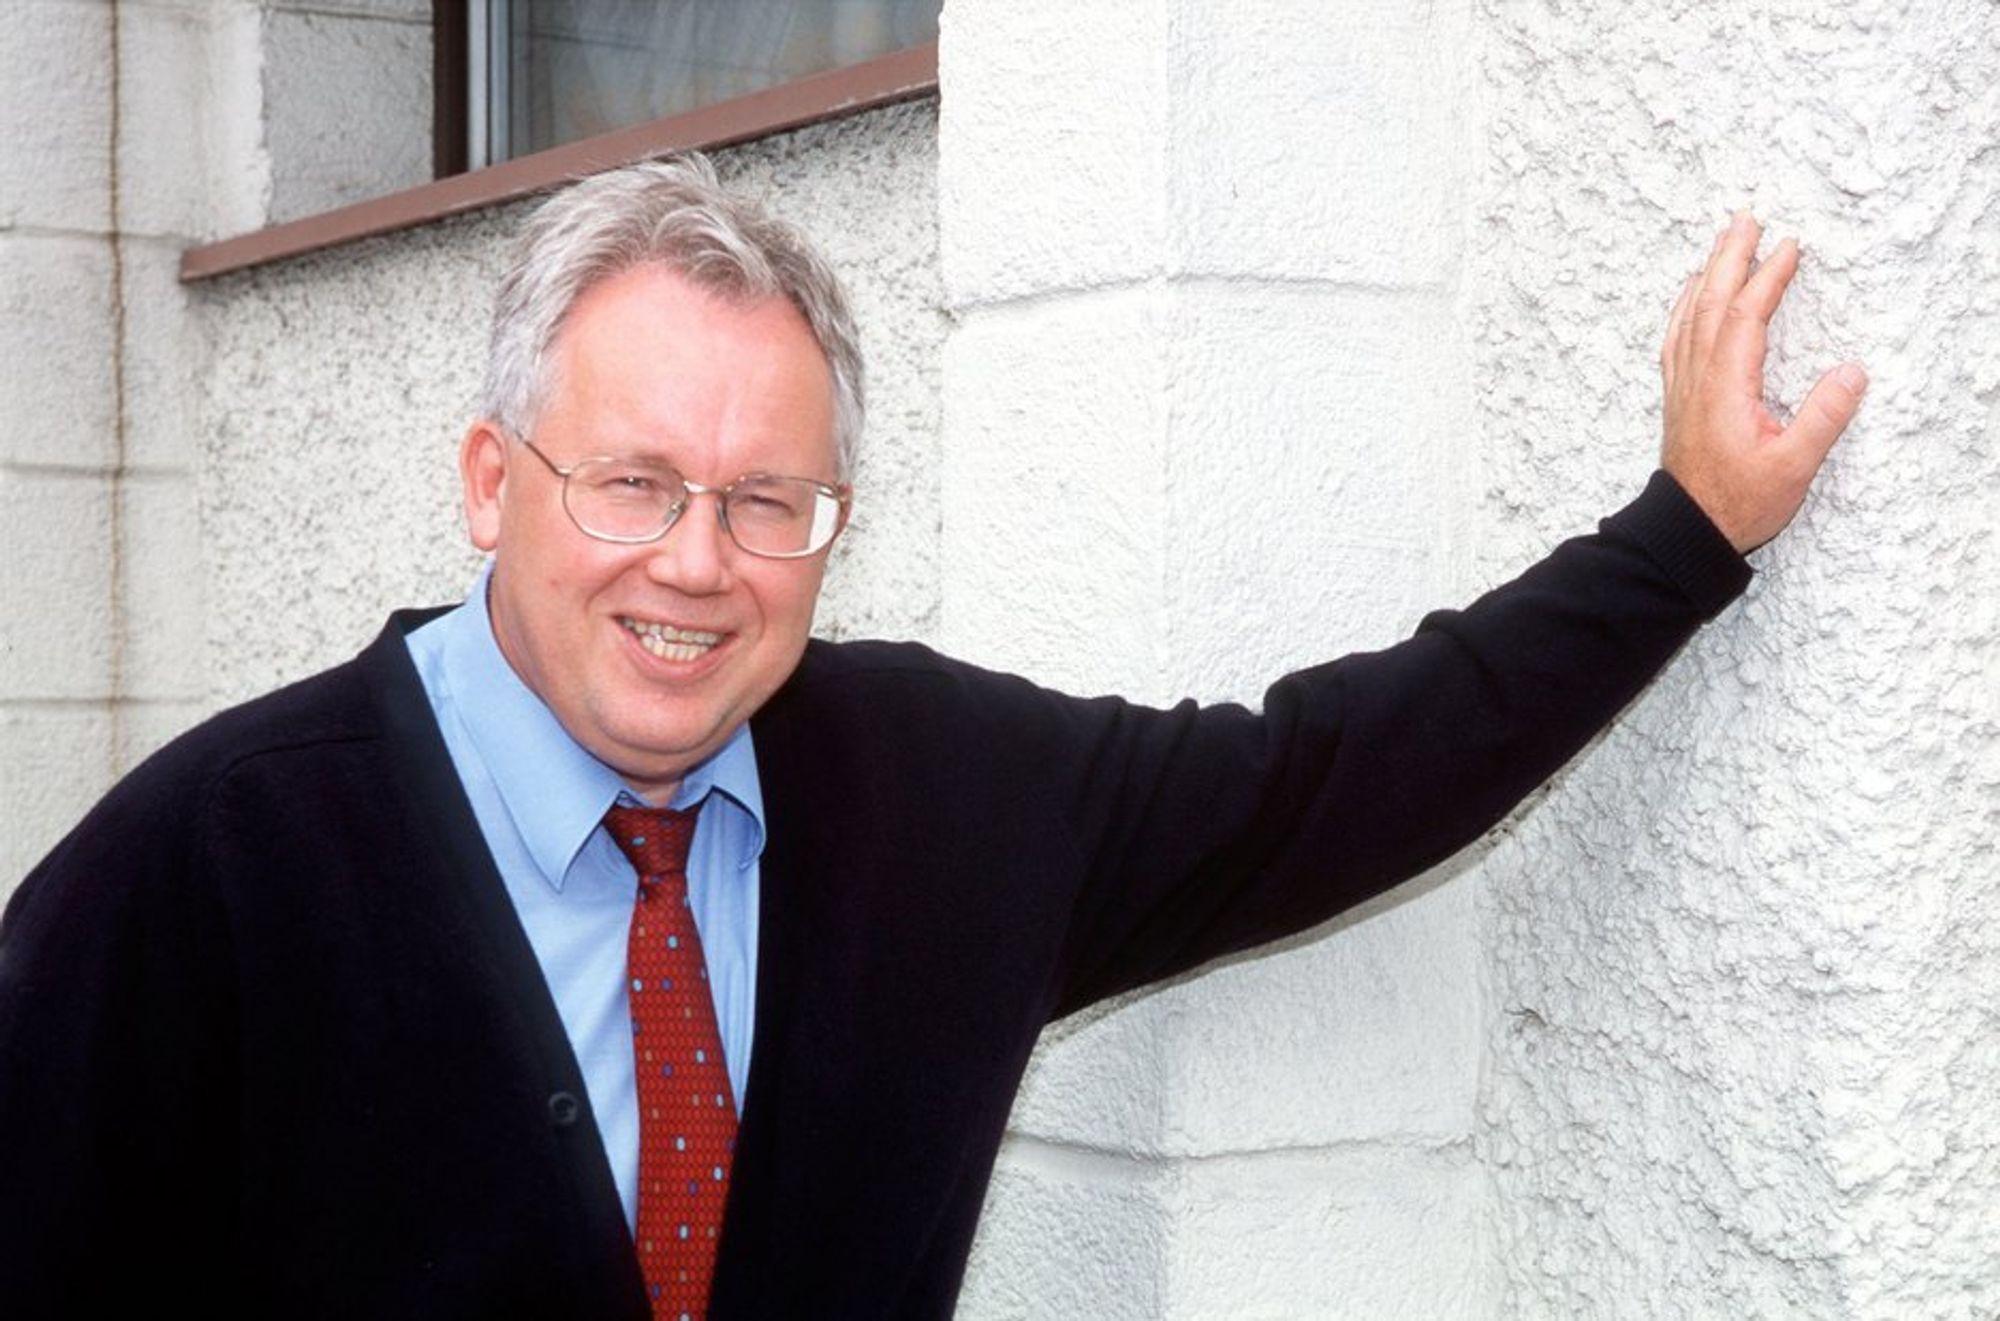 KOMMENDE: Jan Halstensen fra bransjeforeningen Byggevareindustrien er foreslått som ny styrelder i BNL.